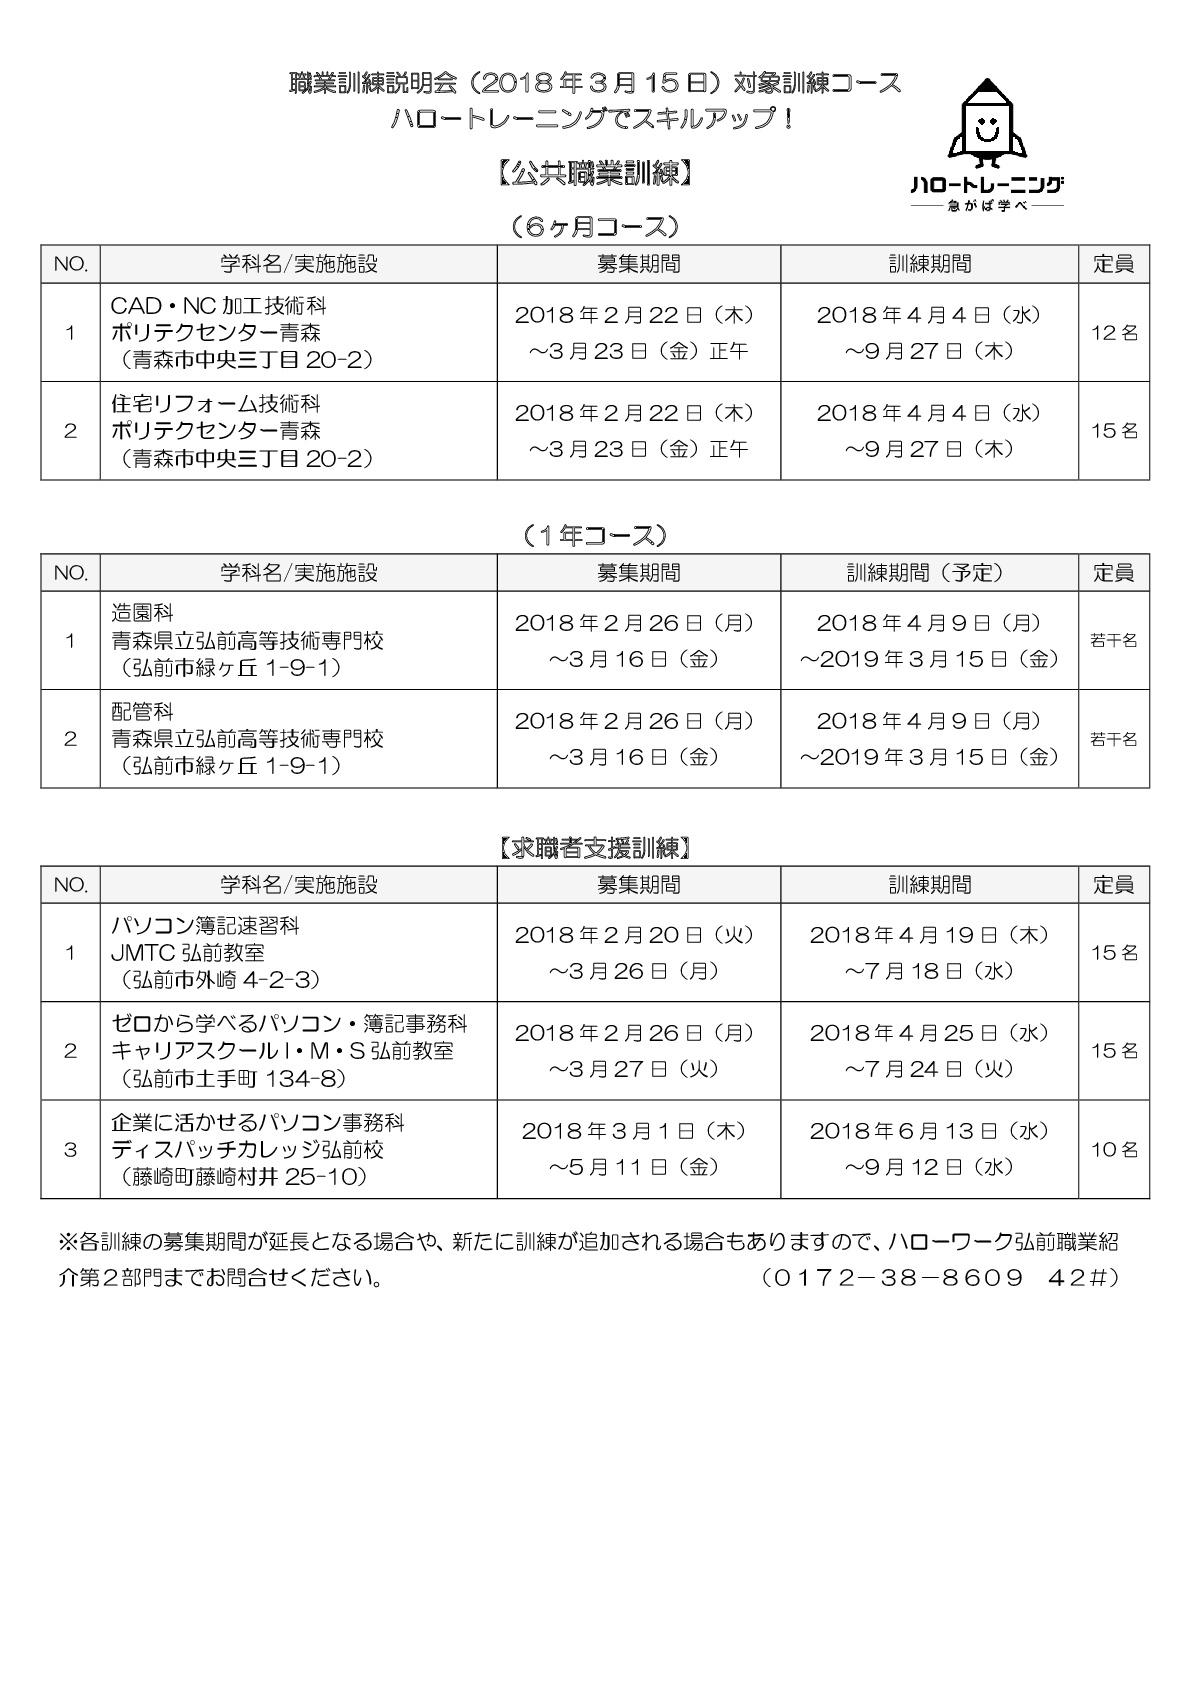 3月15日職業訓練説明会 裏.jpg